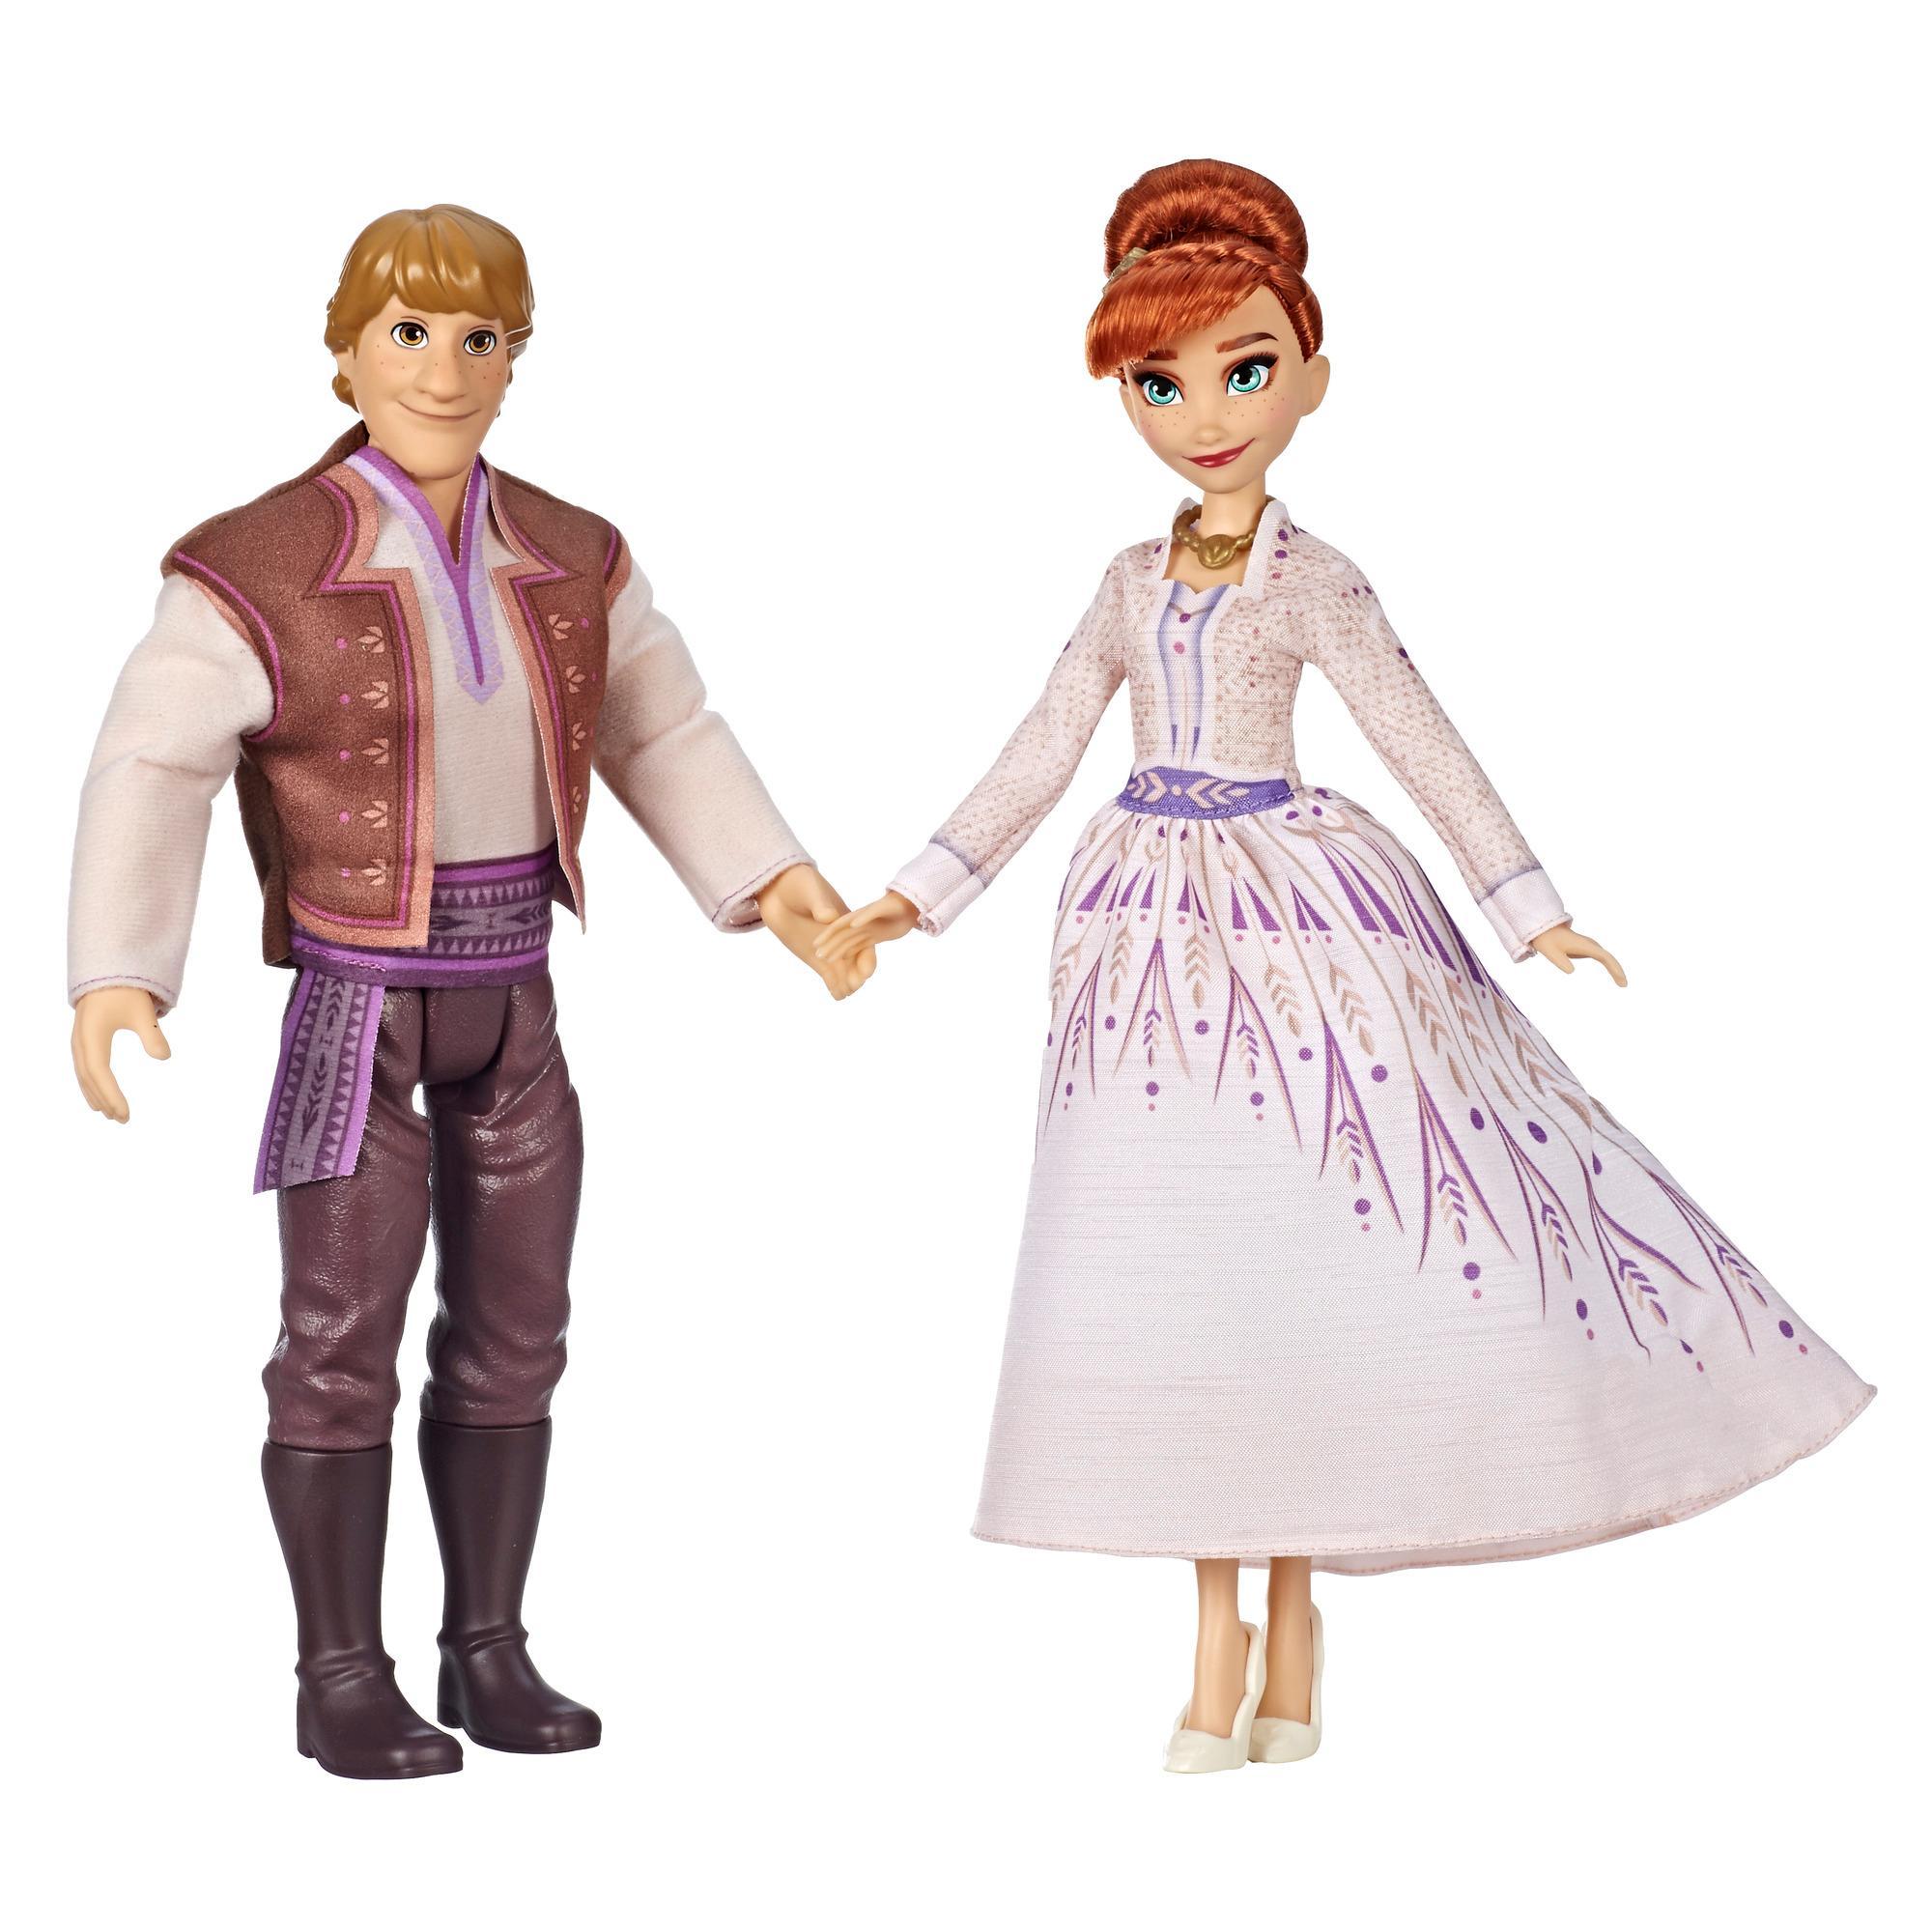 Disney Frozen Anna and Kristoff Fashion Dolls 2-Pack